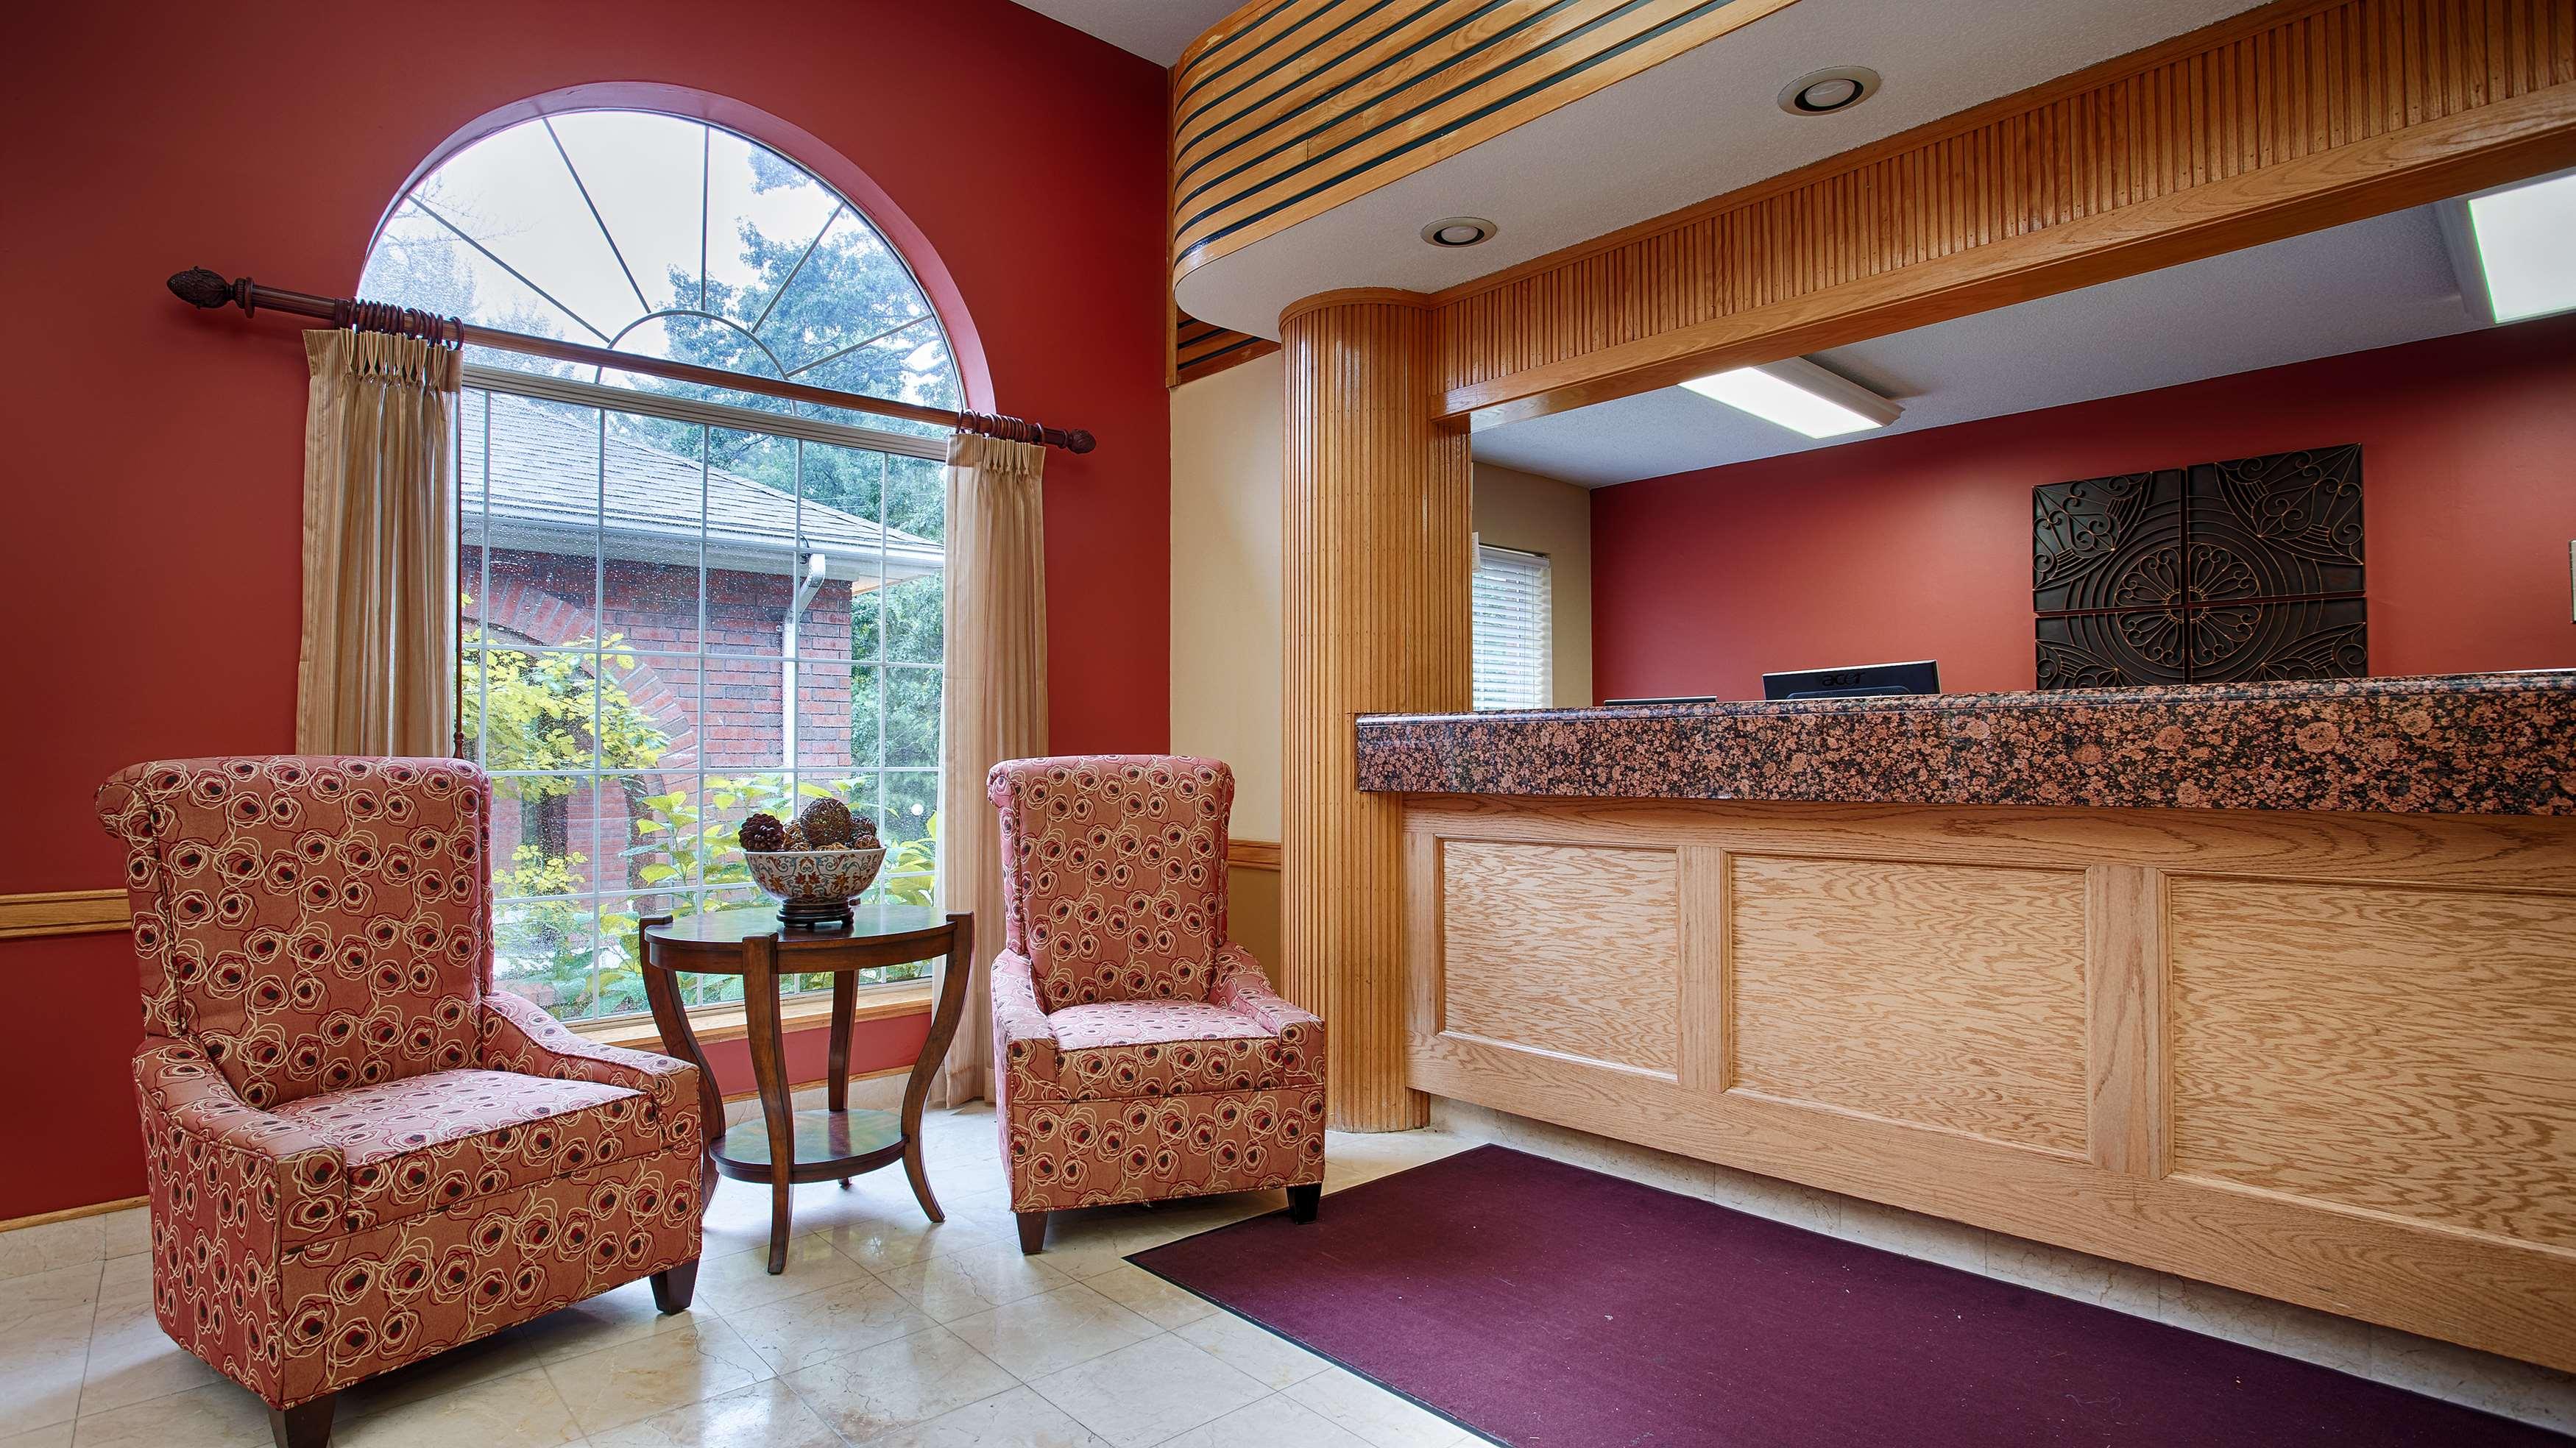 Best Western West Greenwich Inn image 1